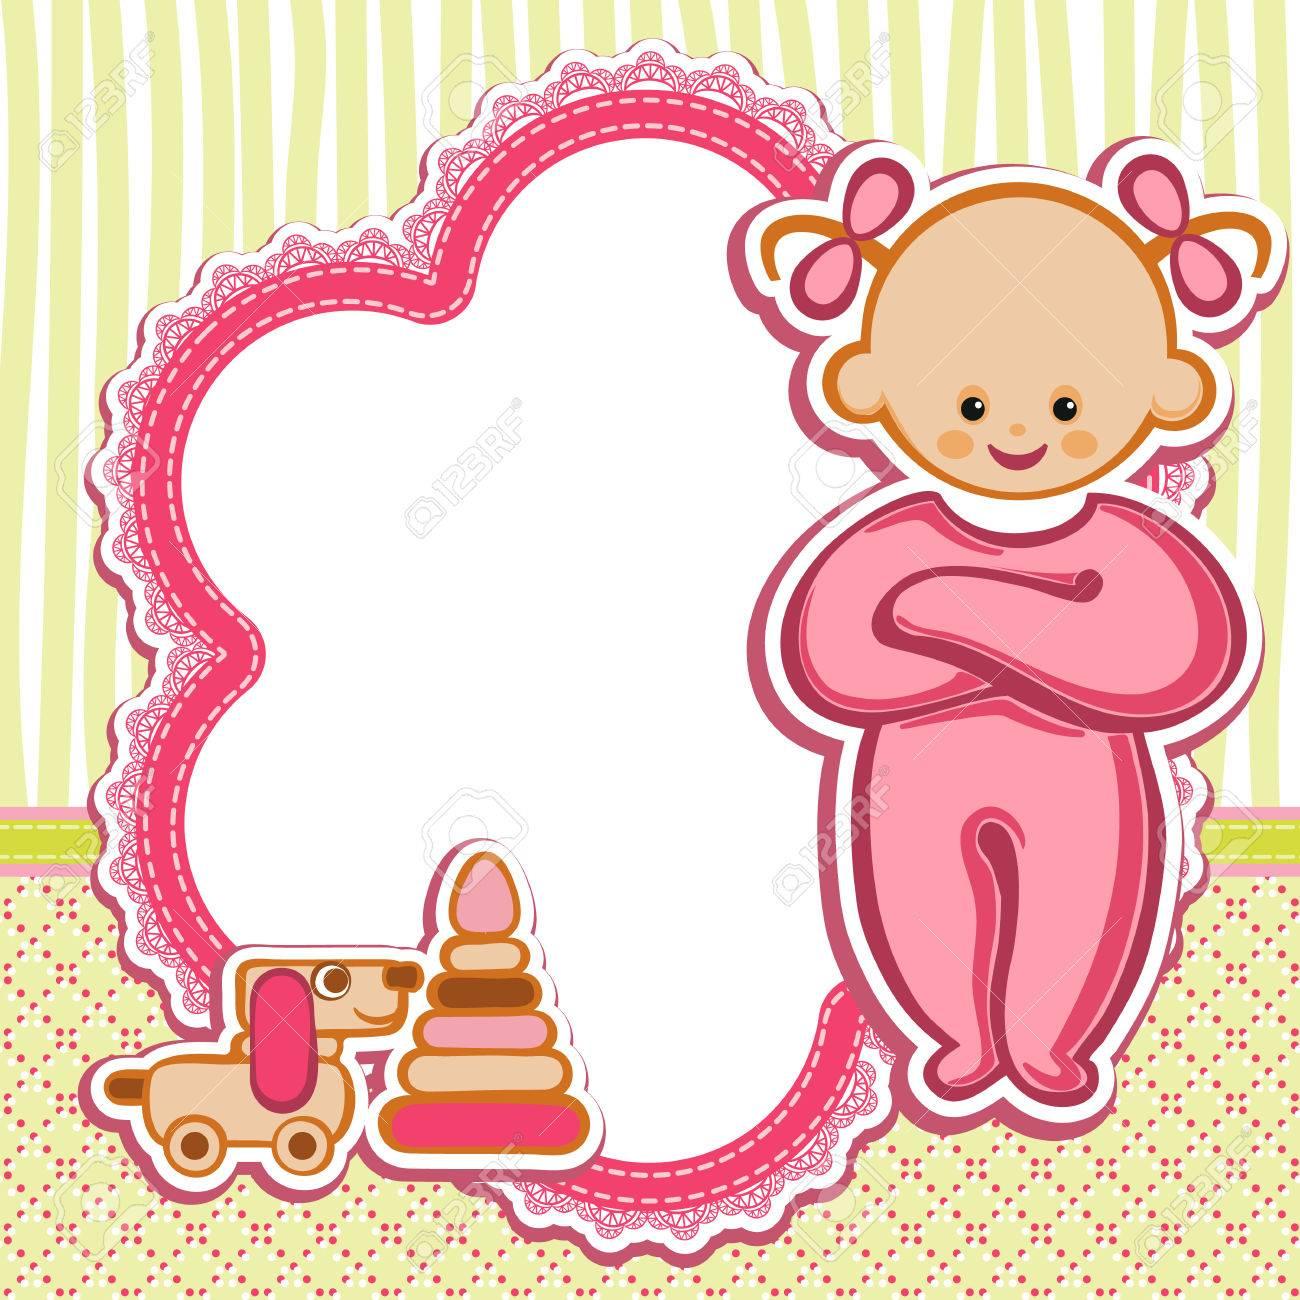 Tarjeta De Cumpleaños Tarjeta De Felicitación Agradable Modelo Lindo Mano Simple Ilustración Artística Dibujado Doodle Por Un Bebé Ducha Saludos